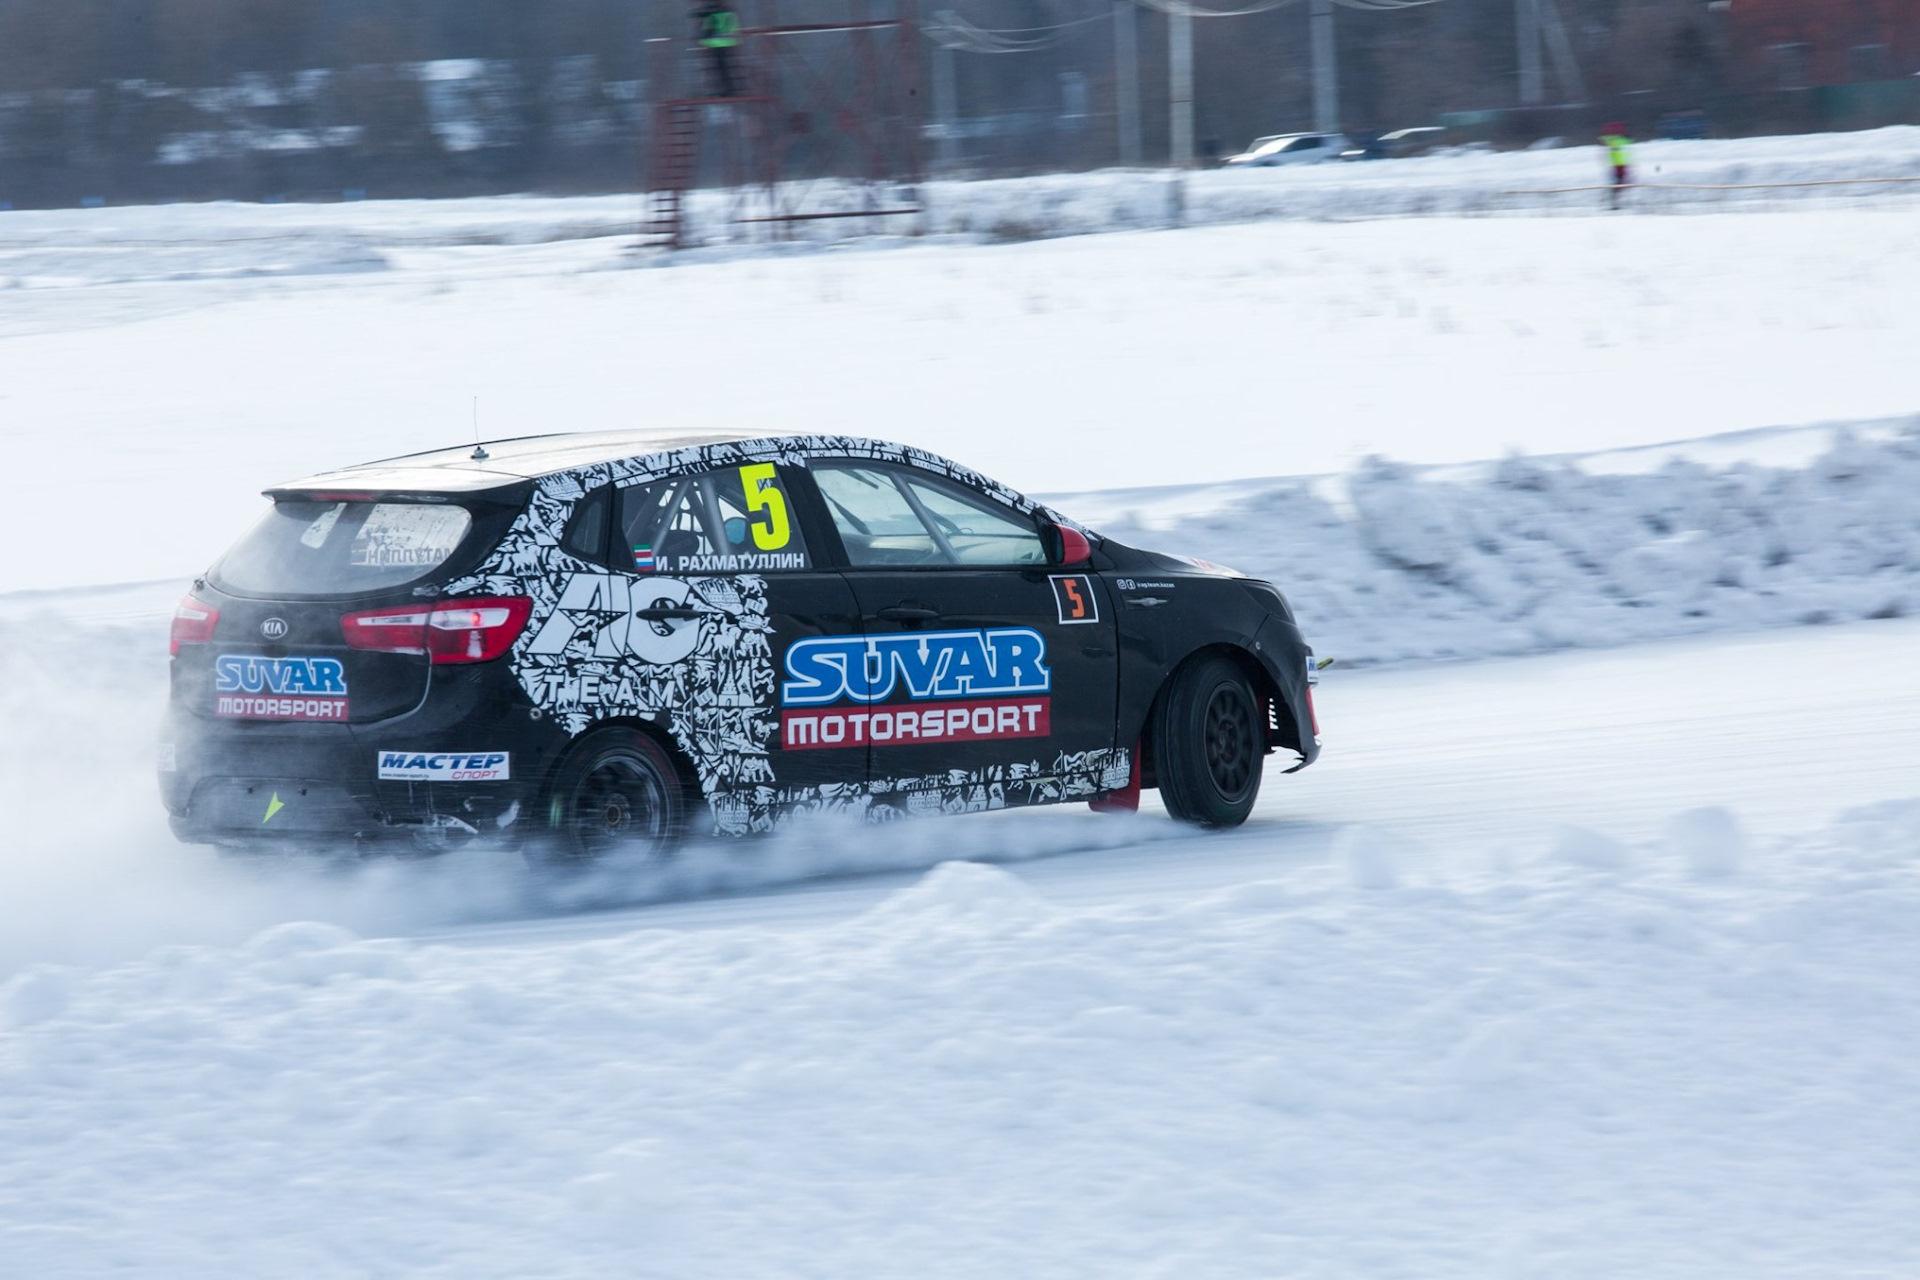 зимняя гонка фрэнки машины светлый зал